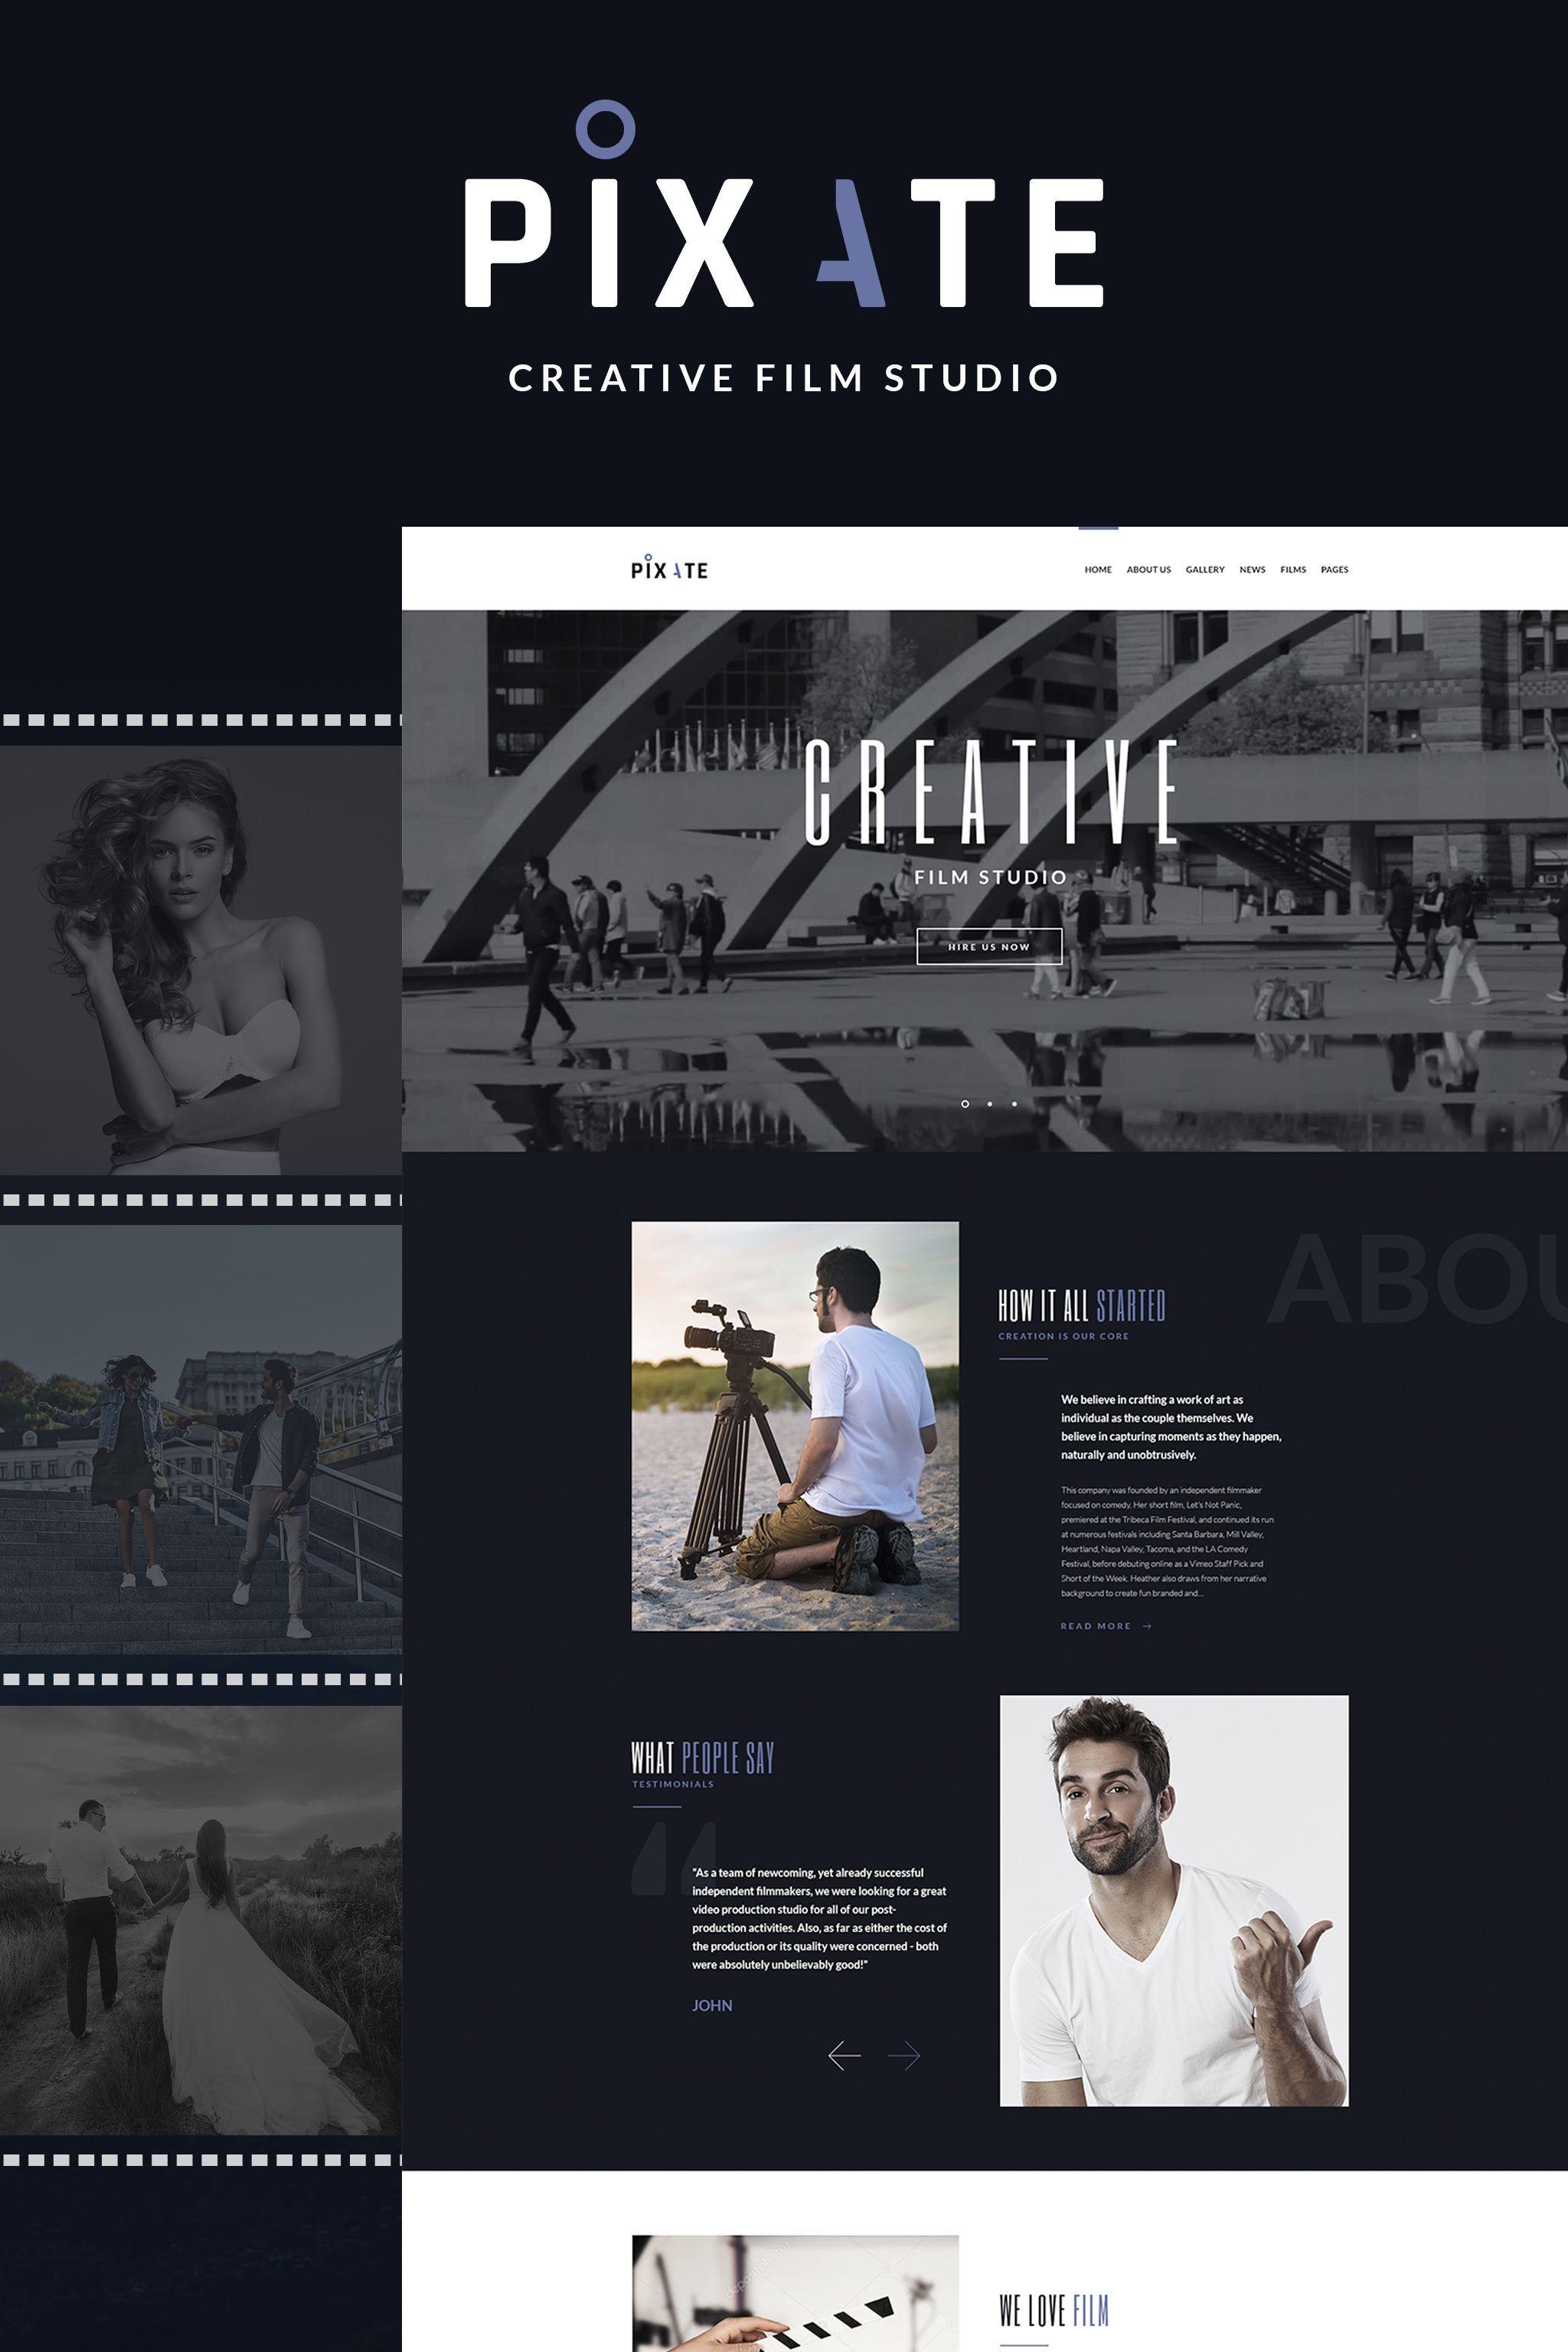 Pixate Movie Studio Wordpress Theme Wordpress Entertainment